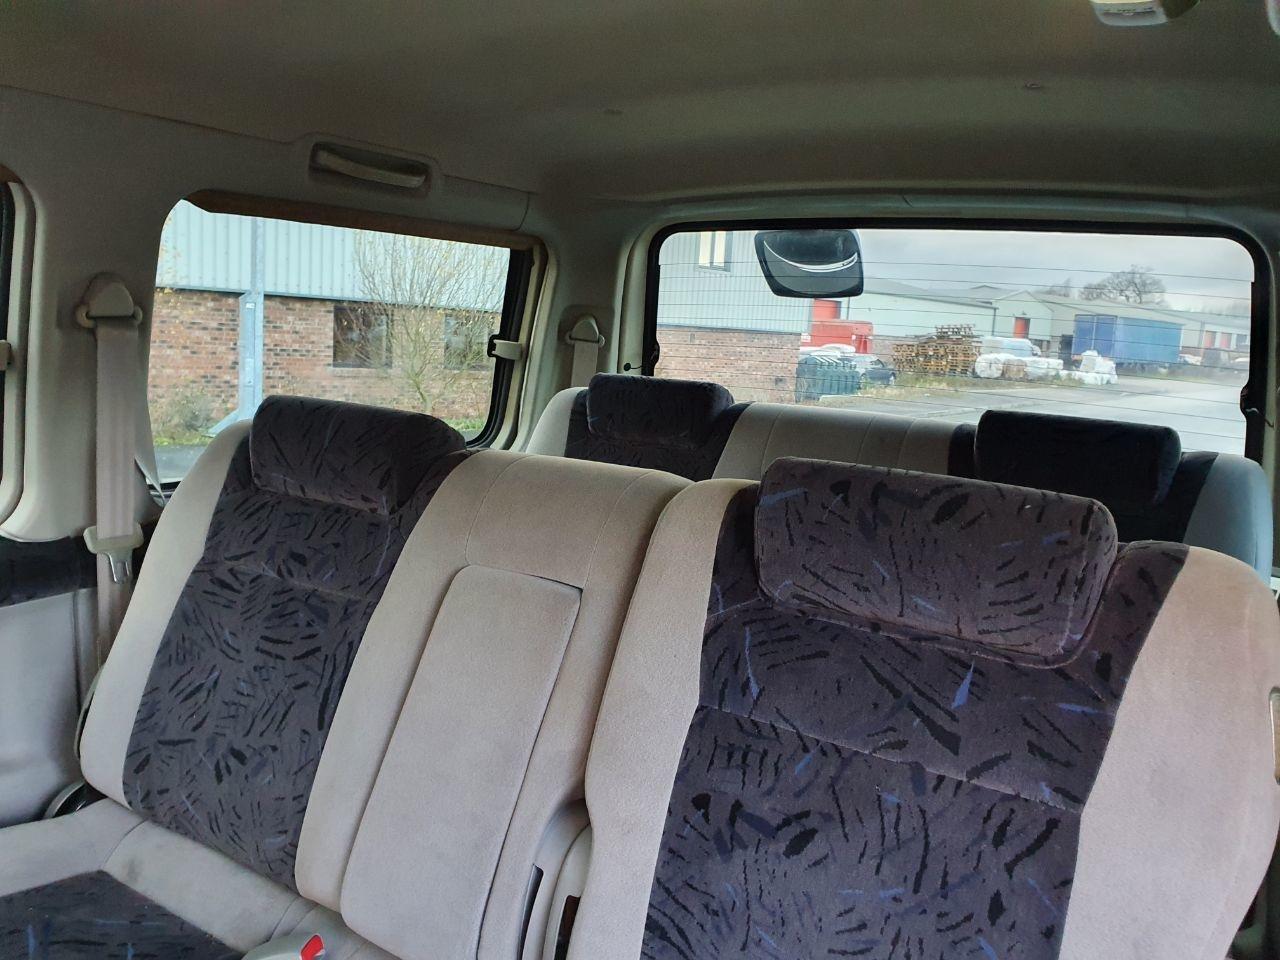 2003 Mazda Bongo Aero - 8 Seats MPV - Day Van - Camper For Sale (picture 11 of 12)